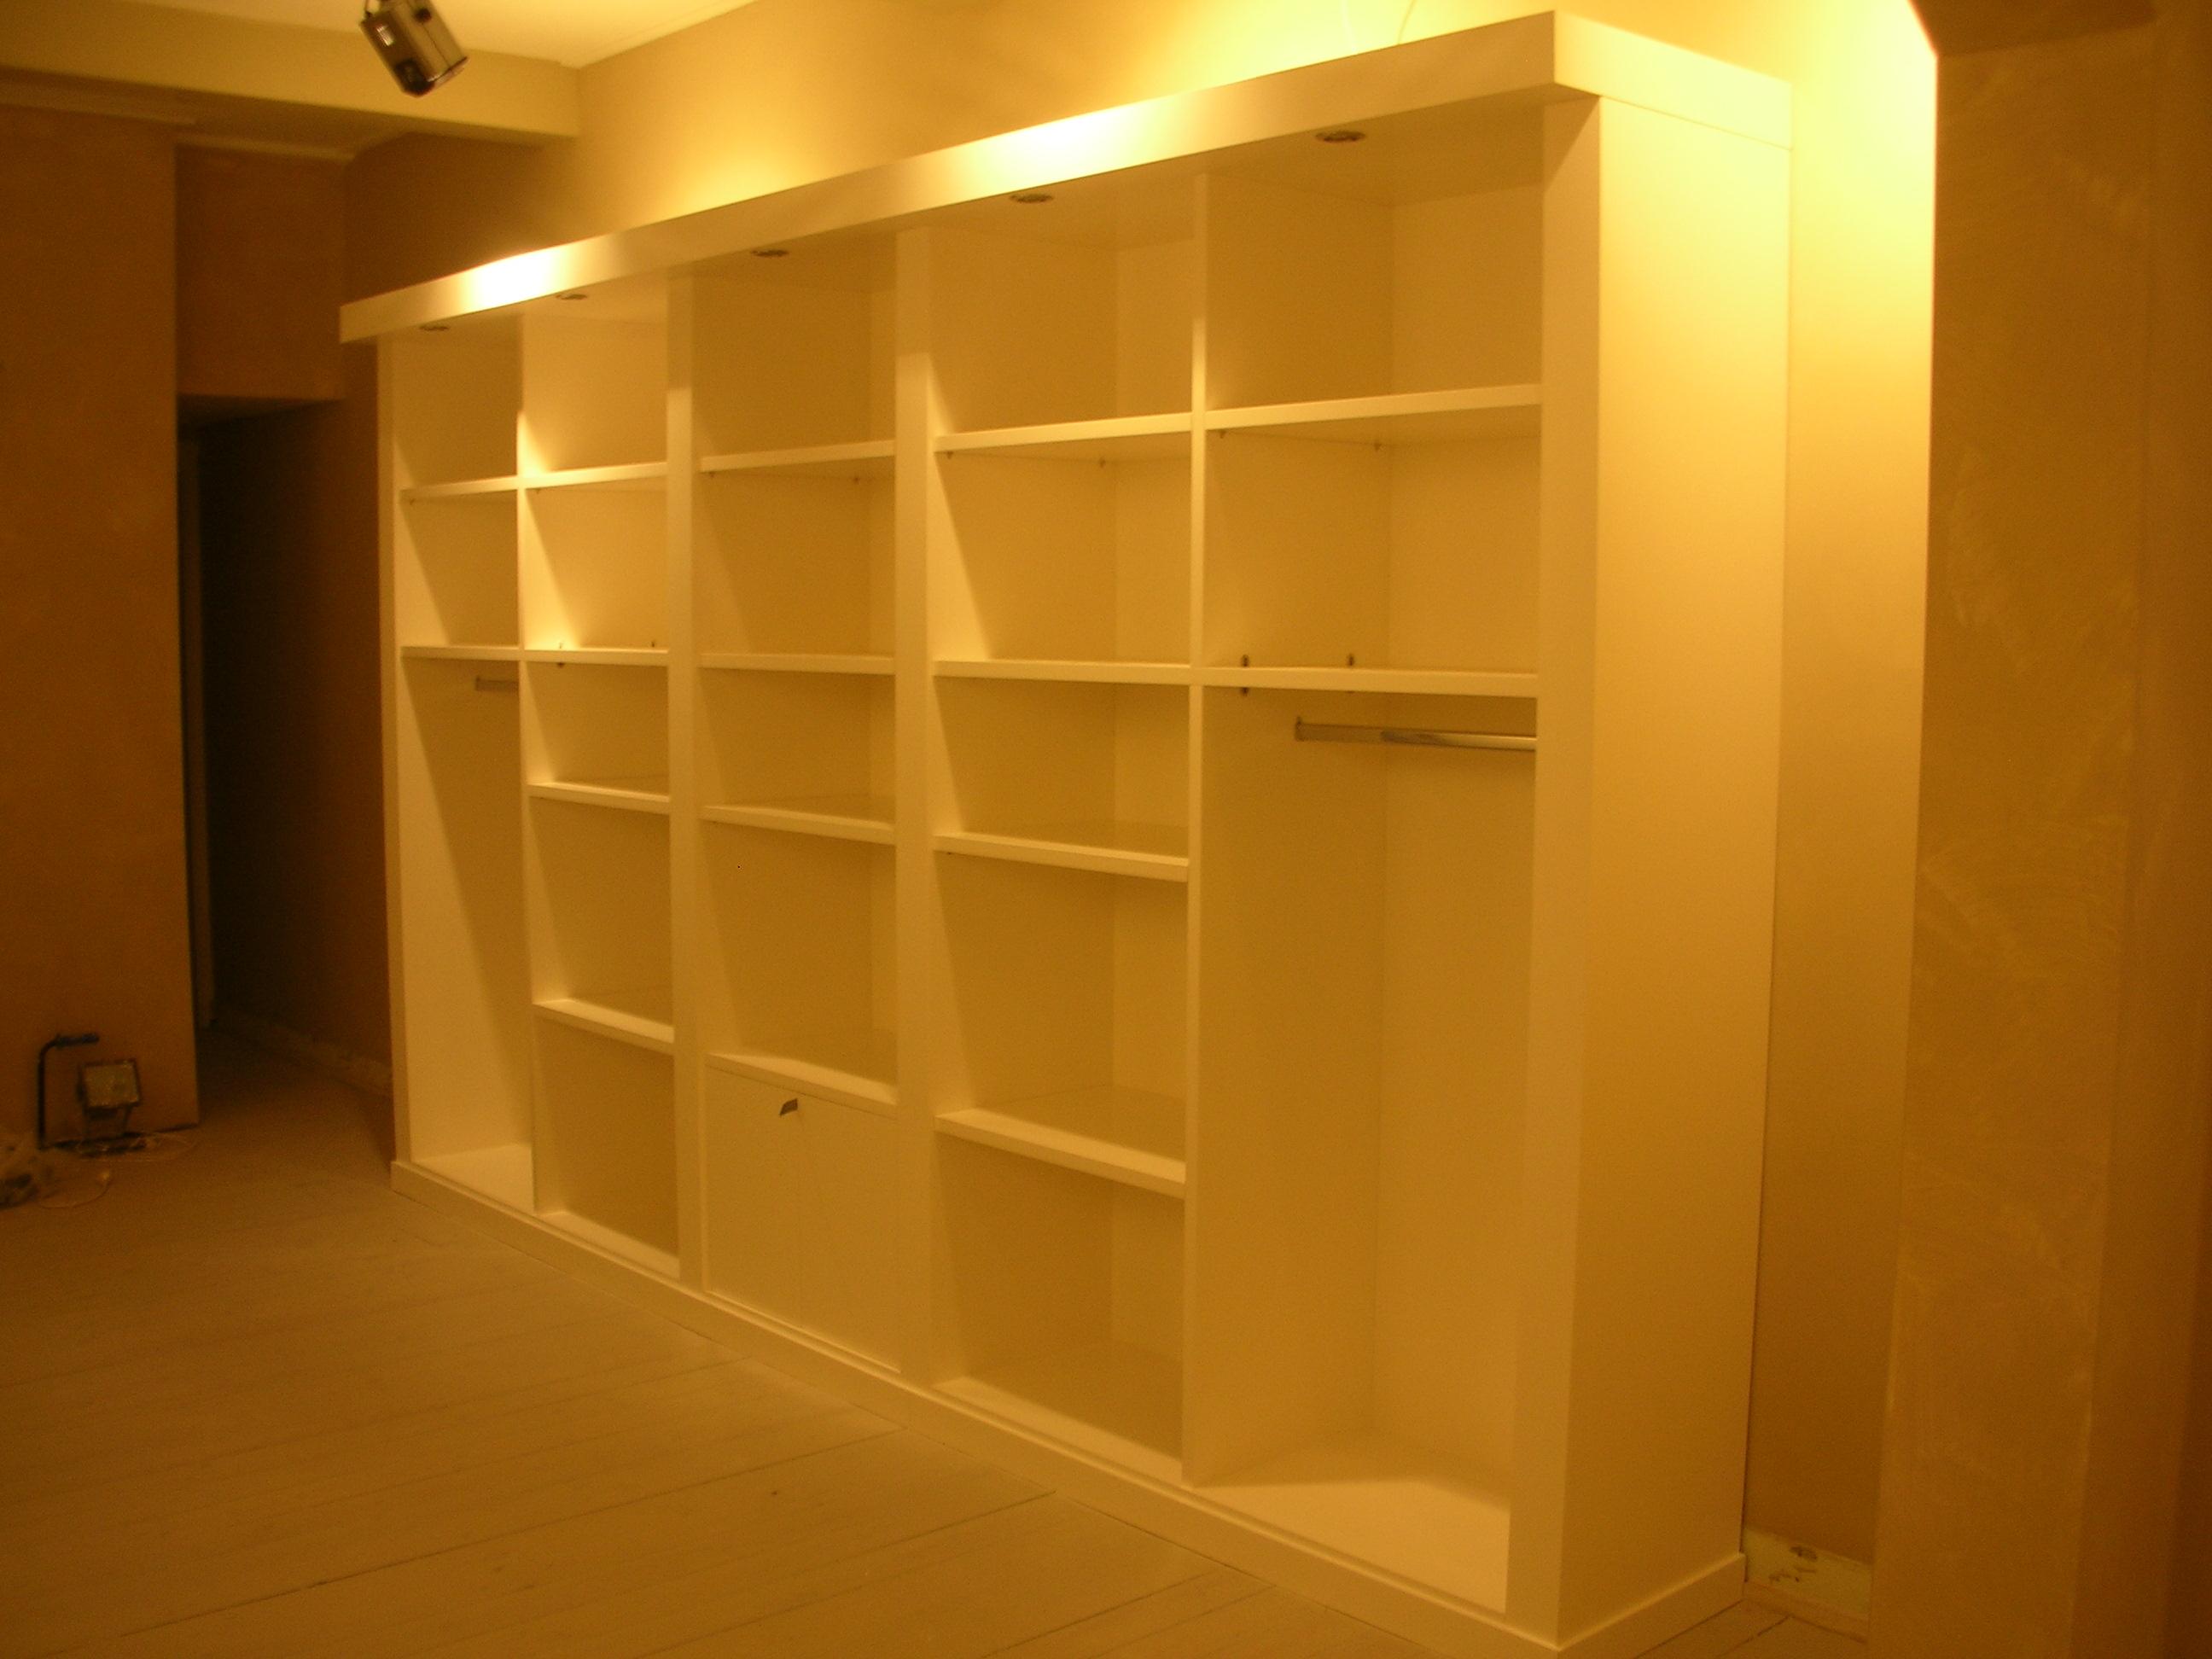 archiefkast.JPG